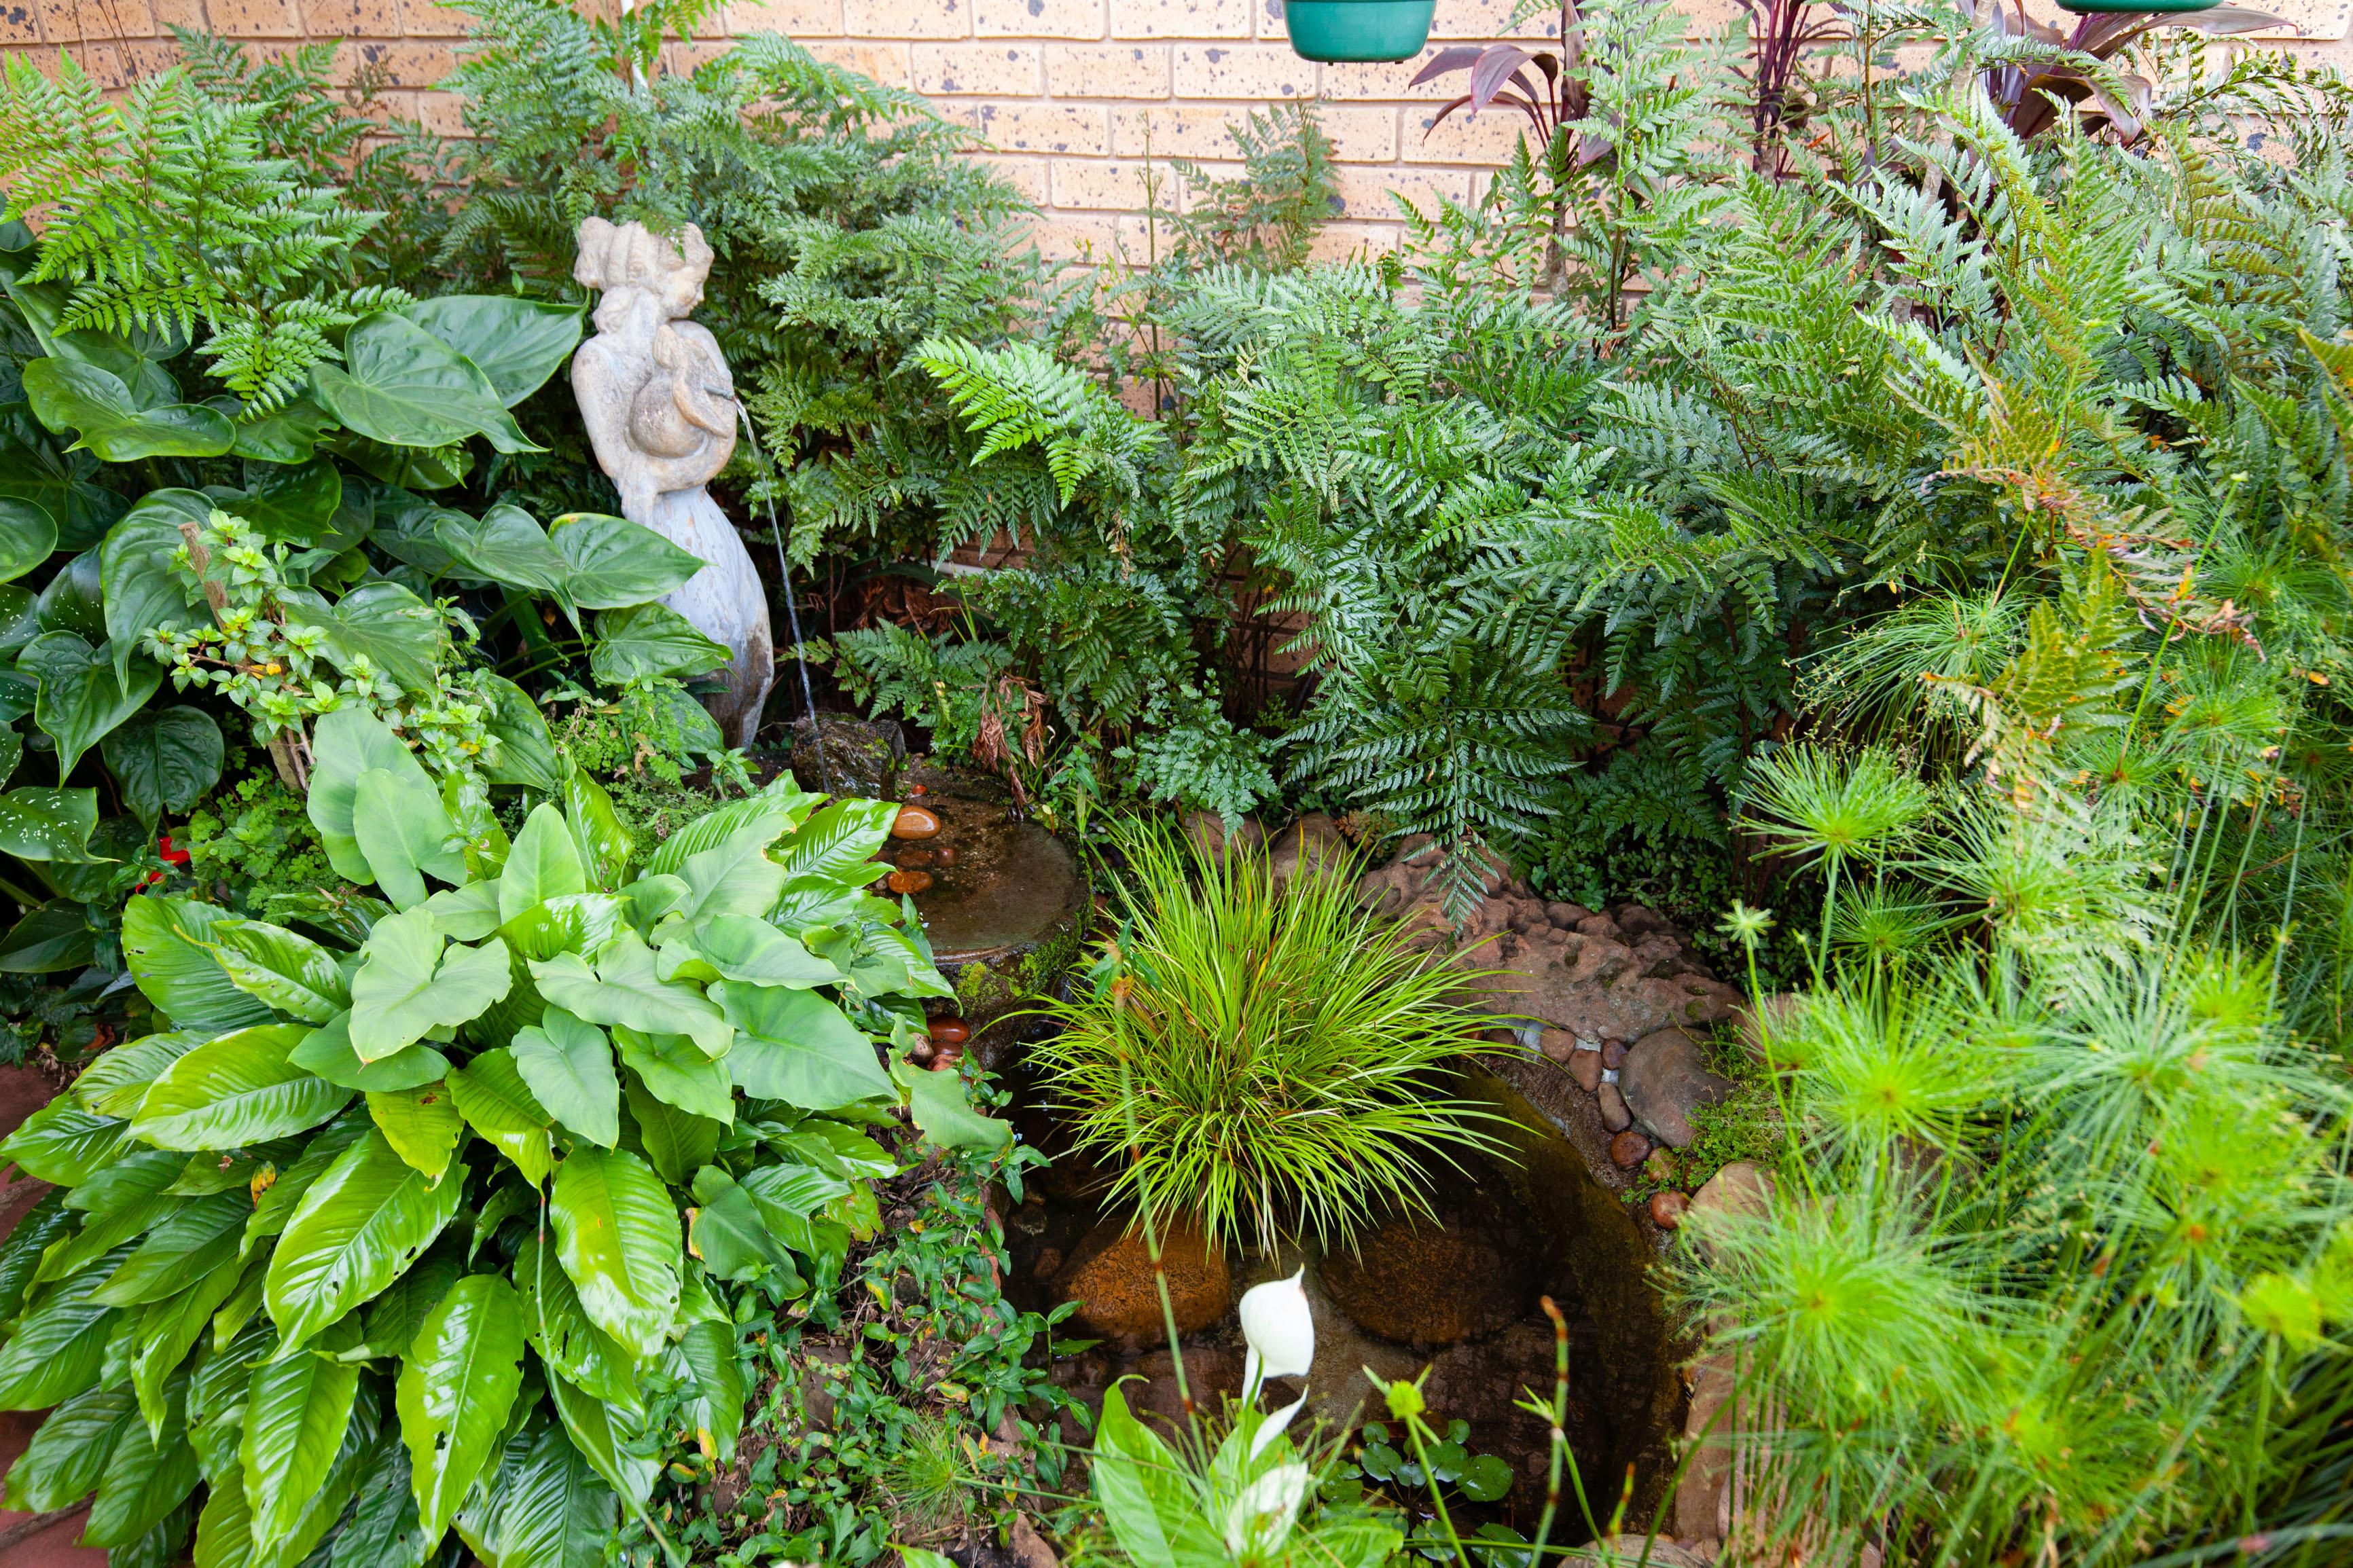 Garden No. 4